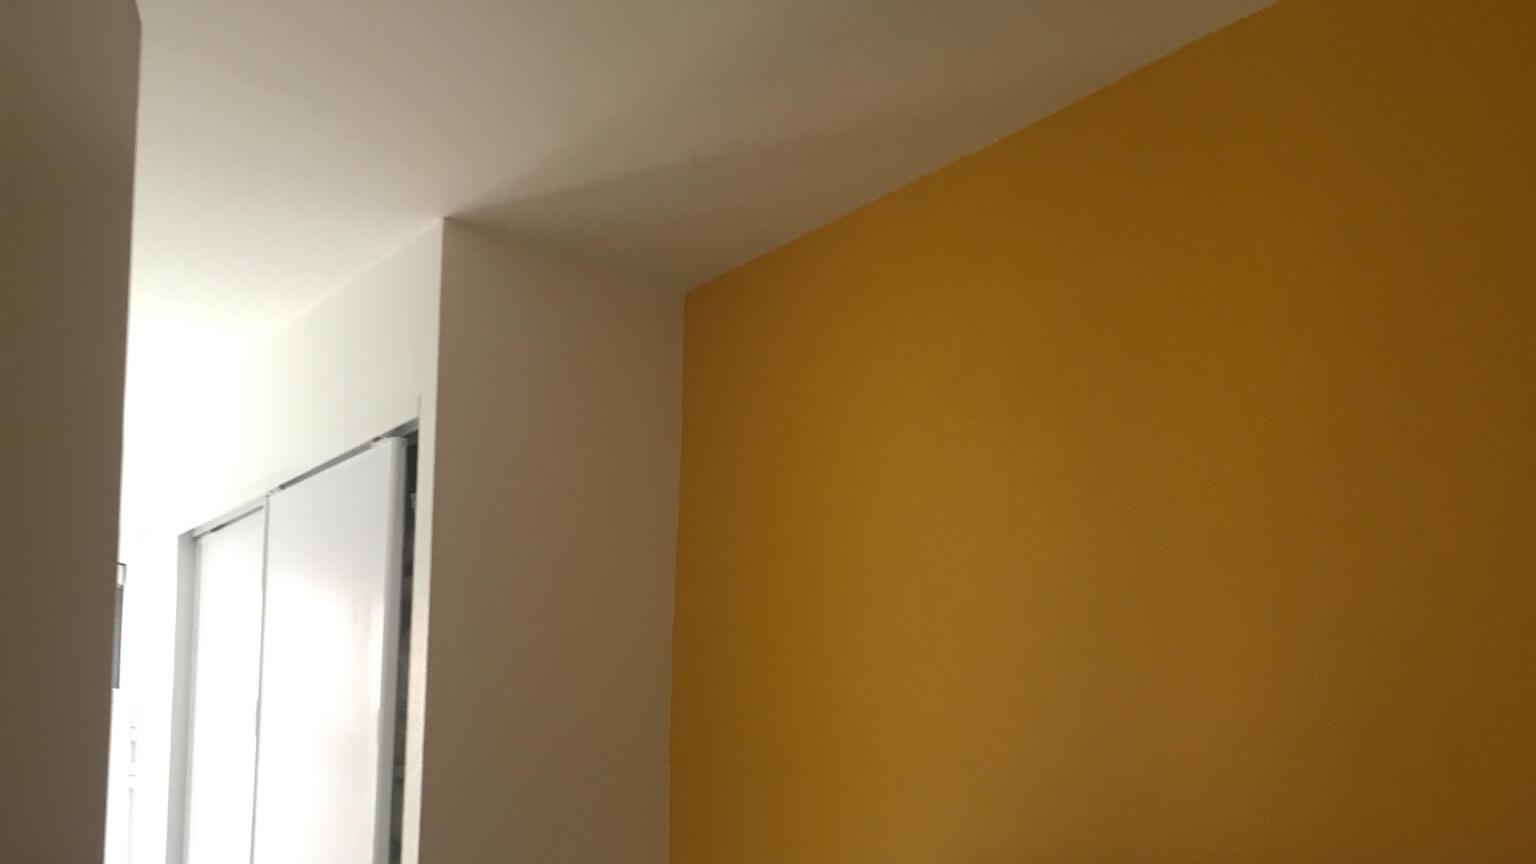 Projet_réalisé_une-pose-peinture-et-vinyle-aux-finitions-impeccables-saint-maclou